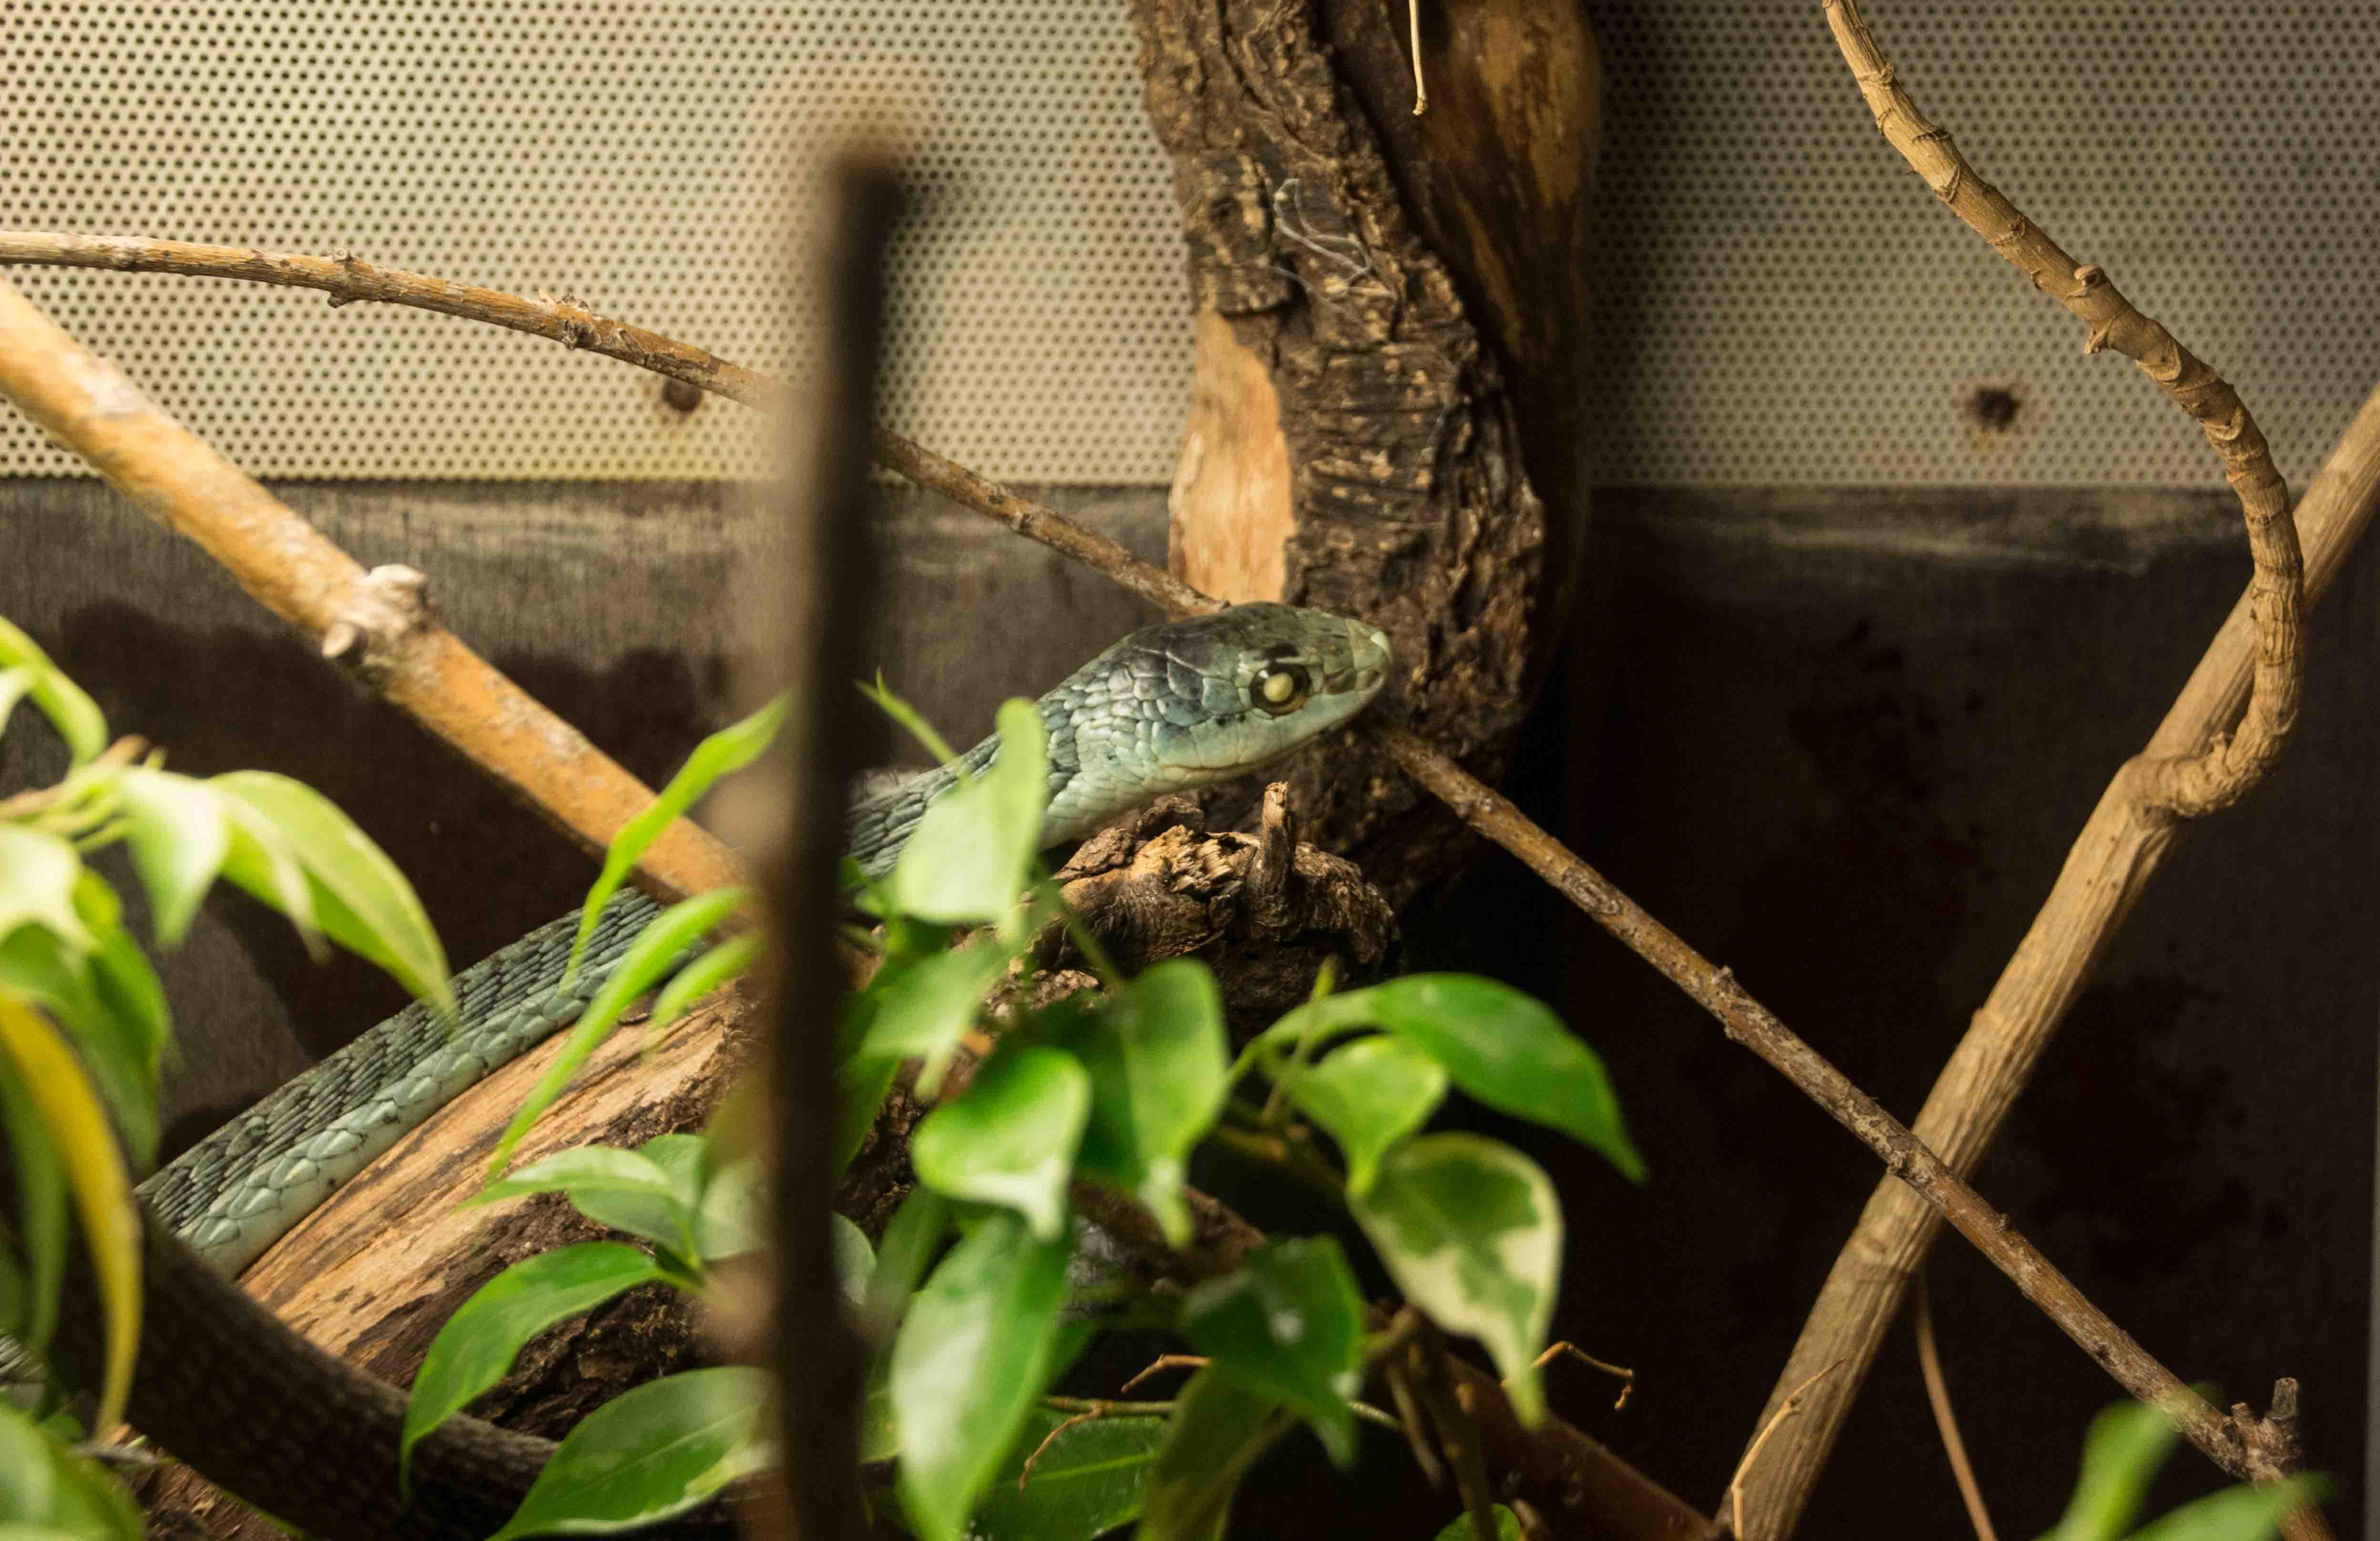 Die Boomslang, eine giftige afrikanische Baumschlange, ist blind.